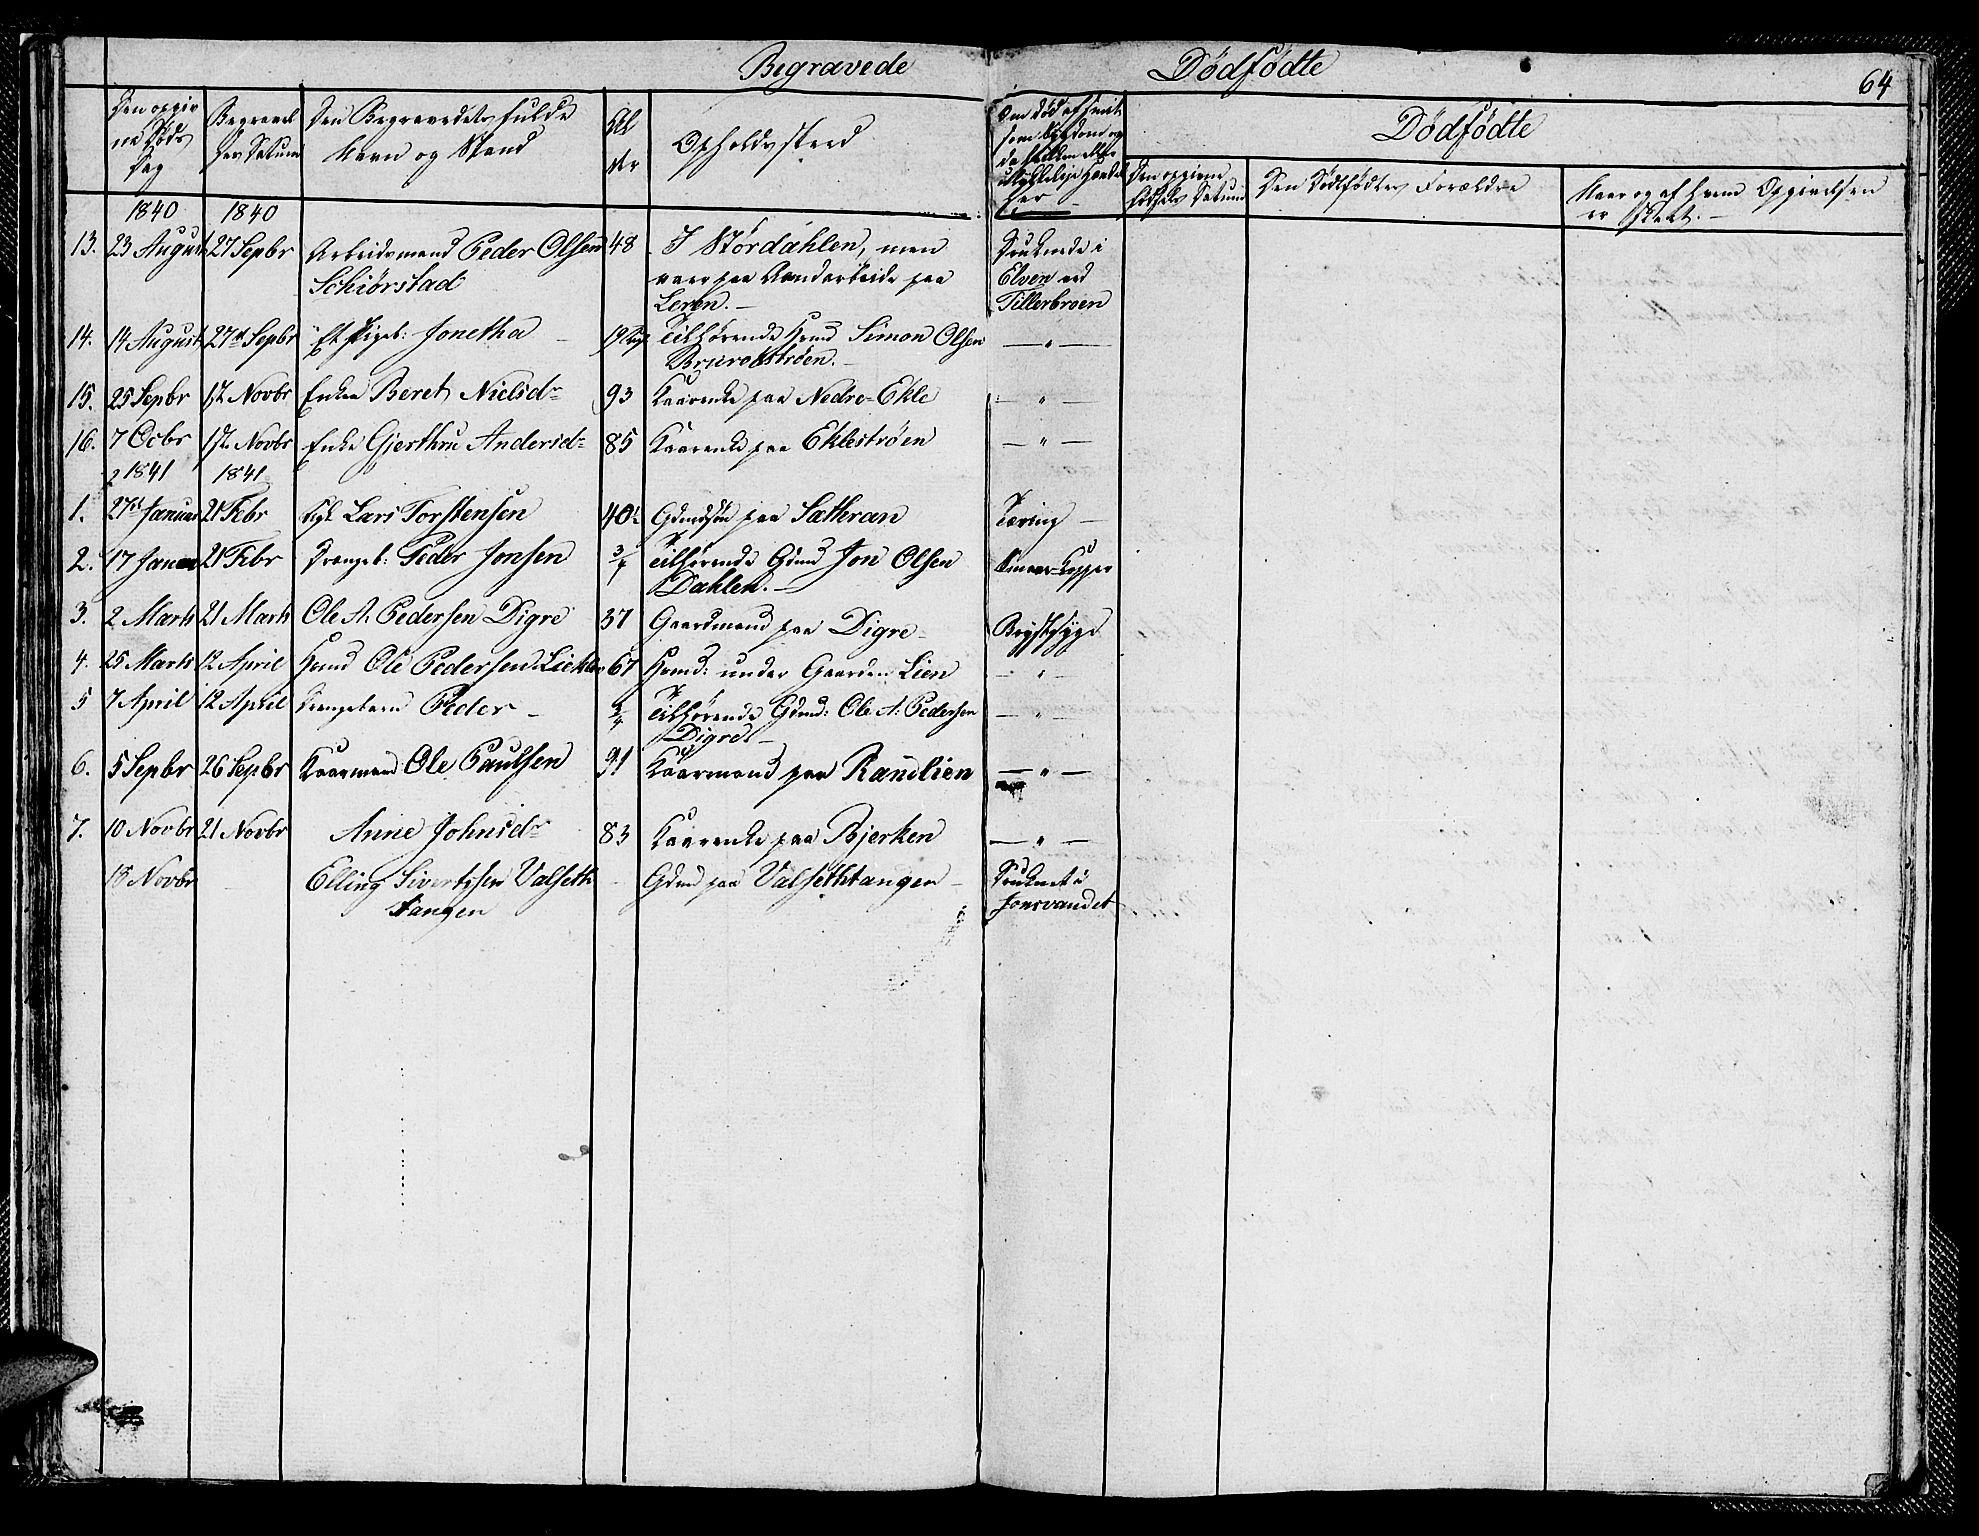 SAT, Ministerialprotokoller, klokkerbøker og fødselsregistre - Sør-Trøndelag, 608/L0338: Klokkerbok nr. 608C04, 1831-1843, s. 64